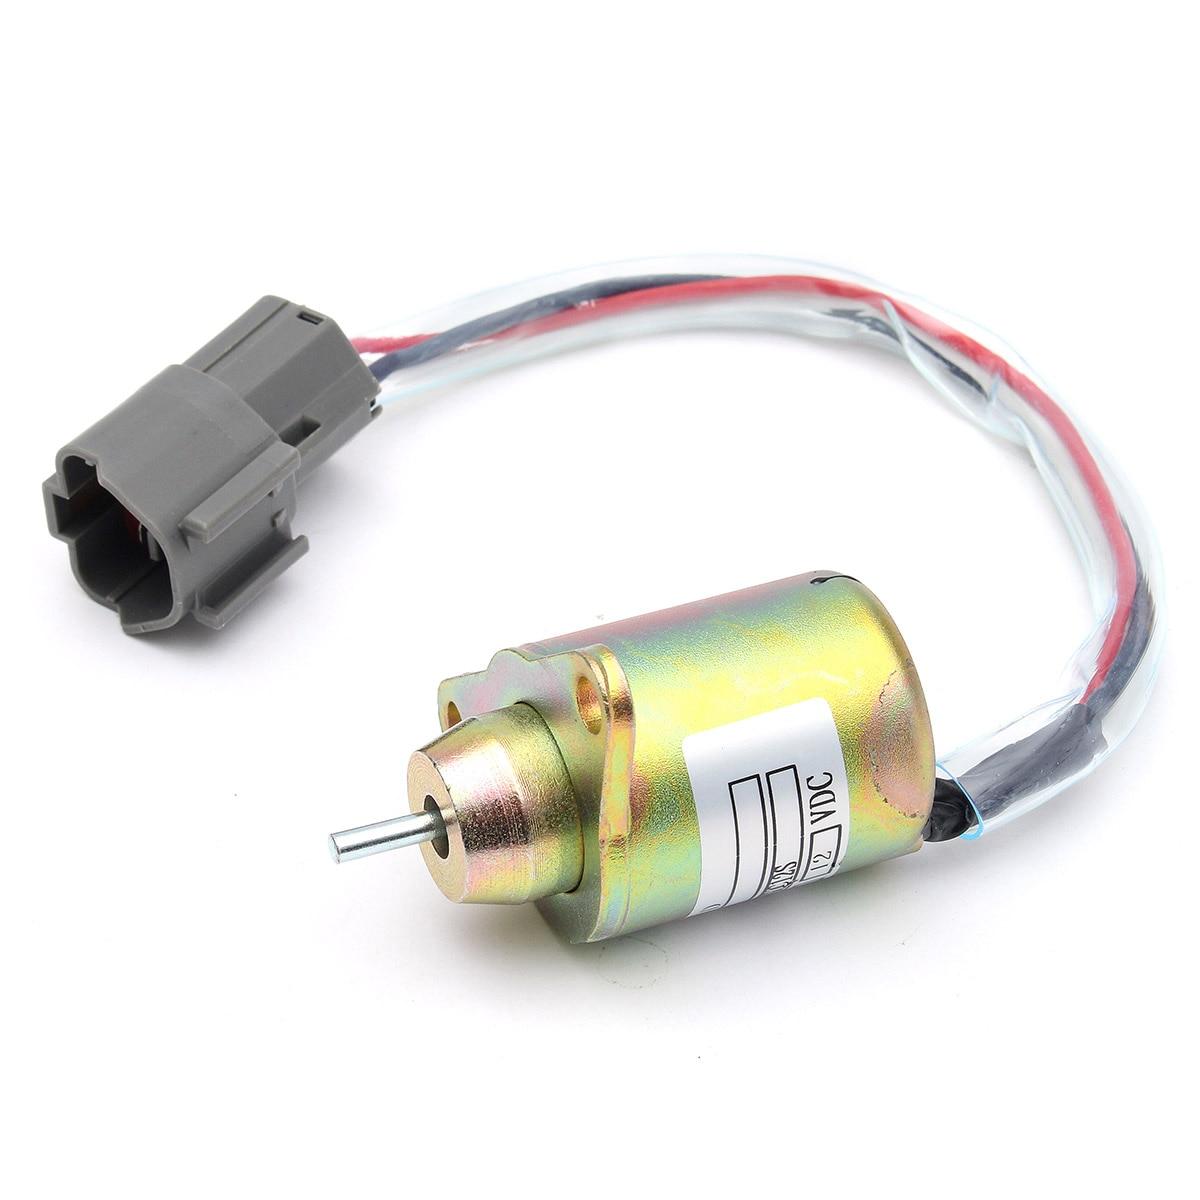 Energetic Solenoid Relay Fuel Shutdown Shut Off Solenoid For Yanmar 119233-77932 John Deere Tractor Atv Parts & Accessories Atv,rv,boat & Other Vehicle